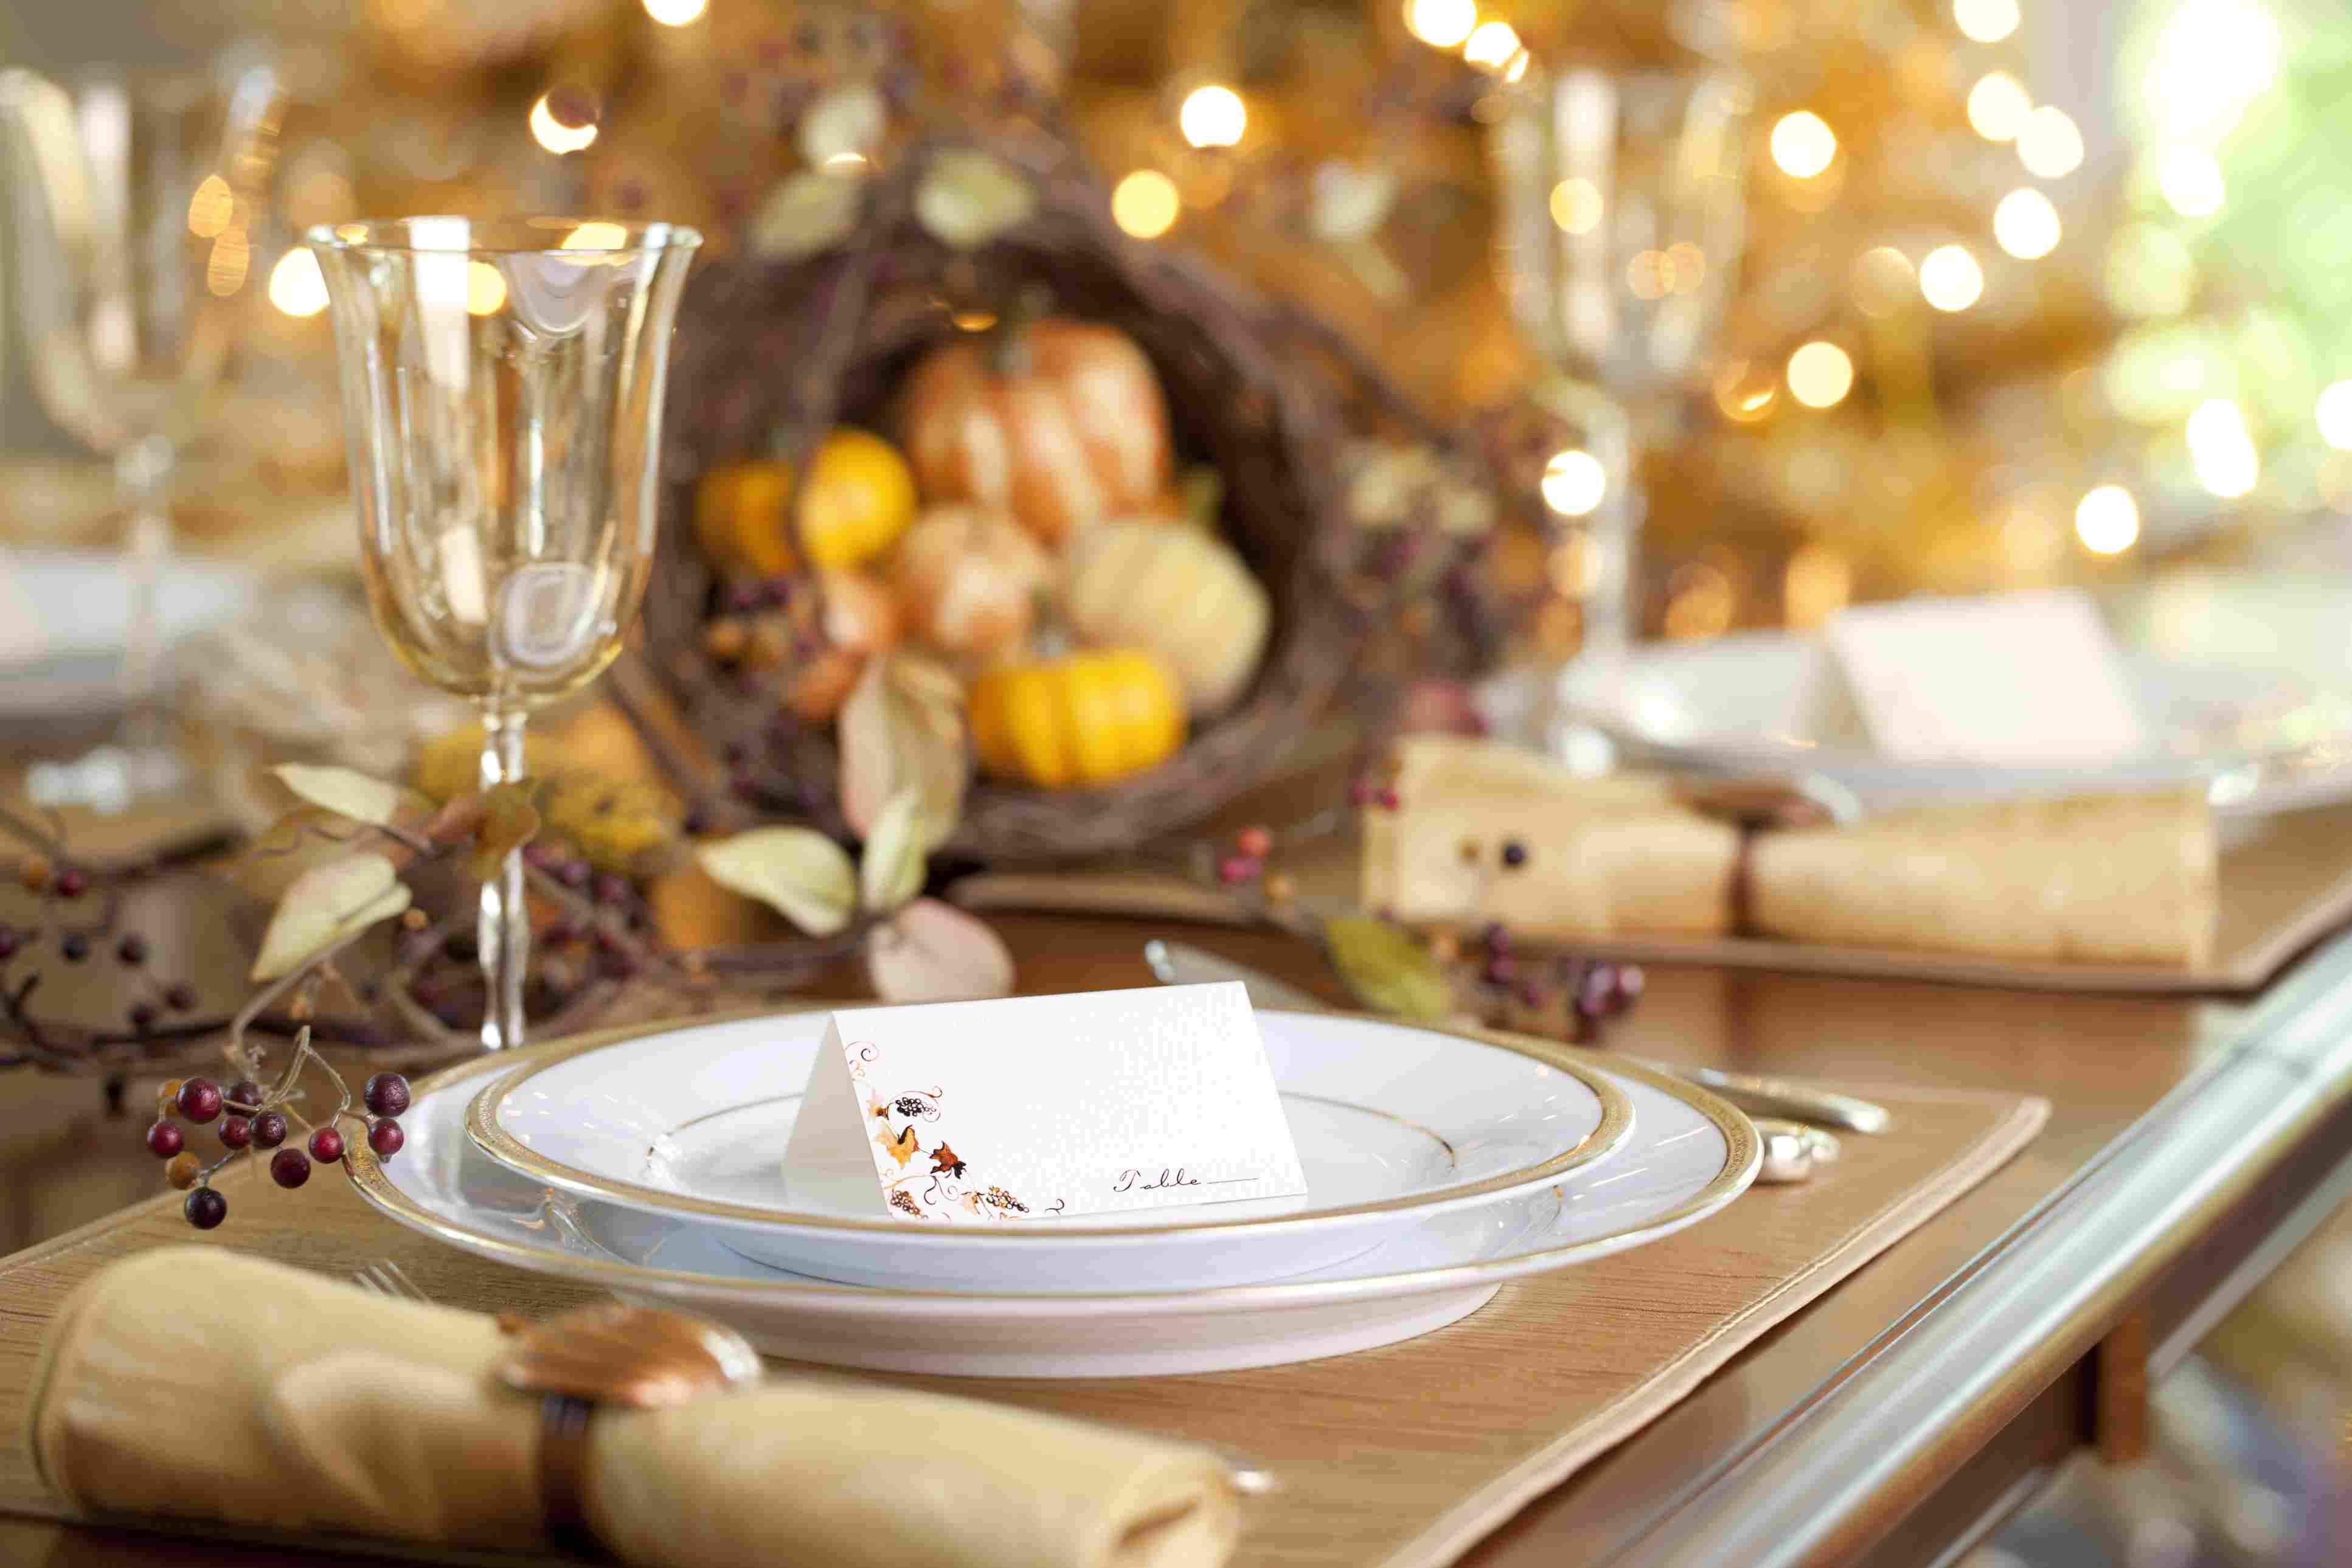 Tarjetas de lugar en la mesa de Acción de Gracias